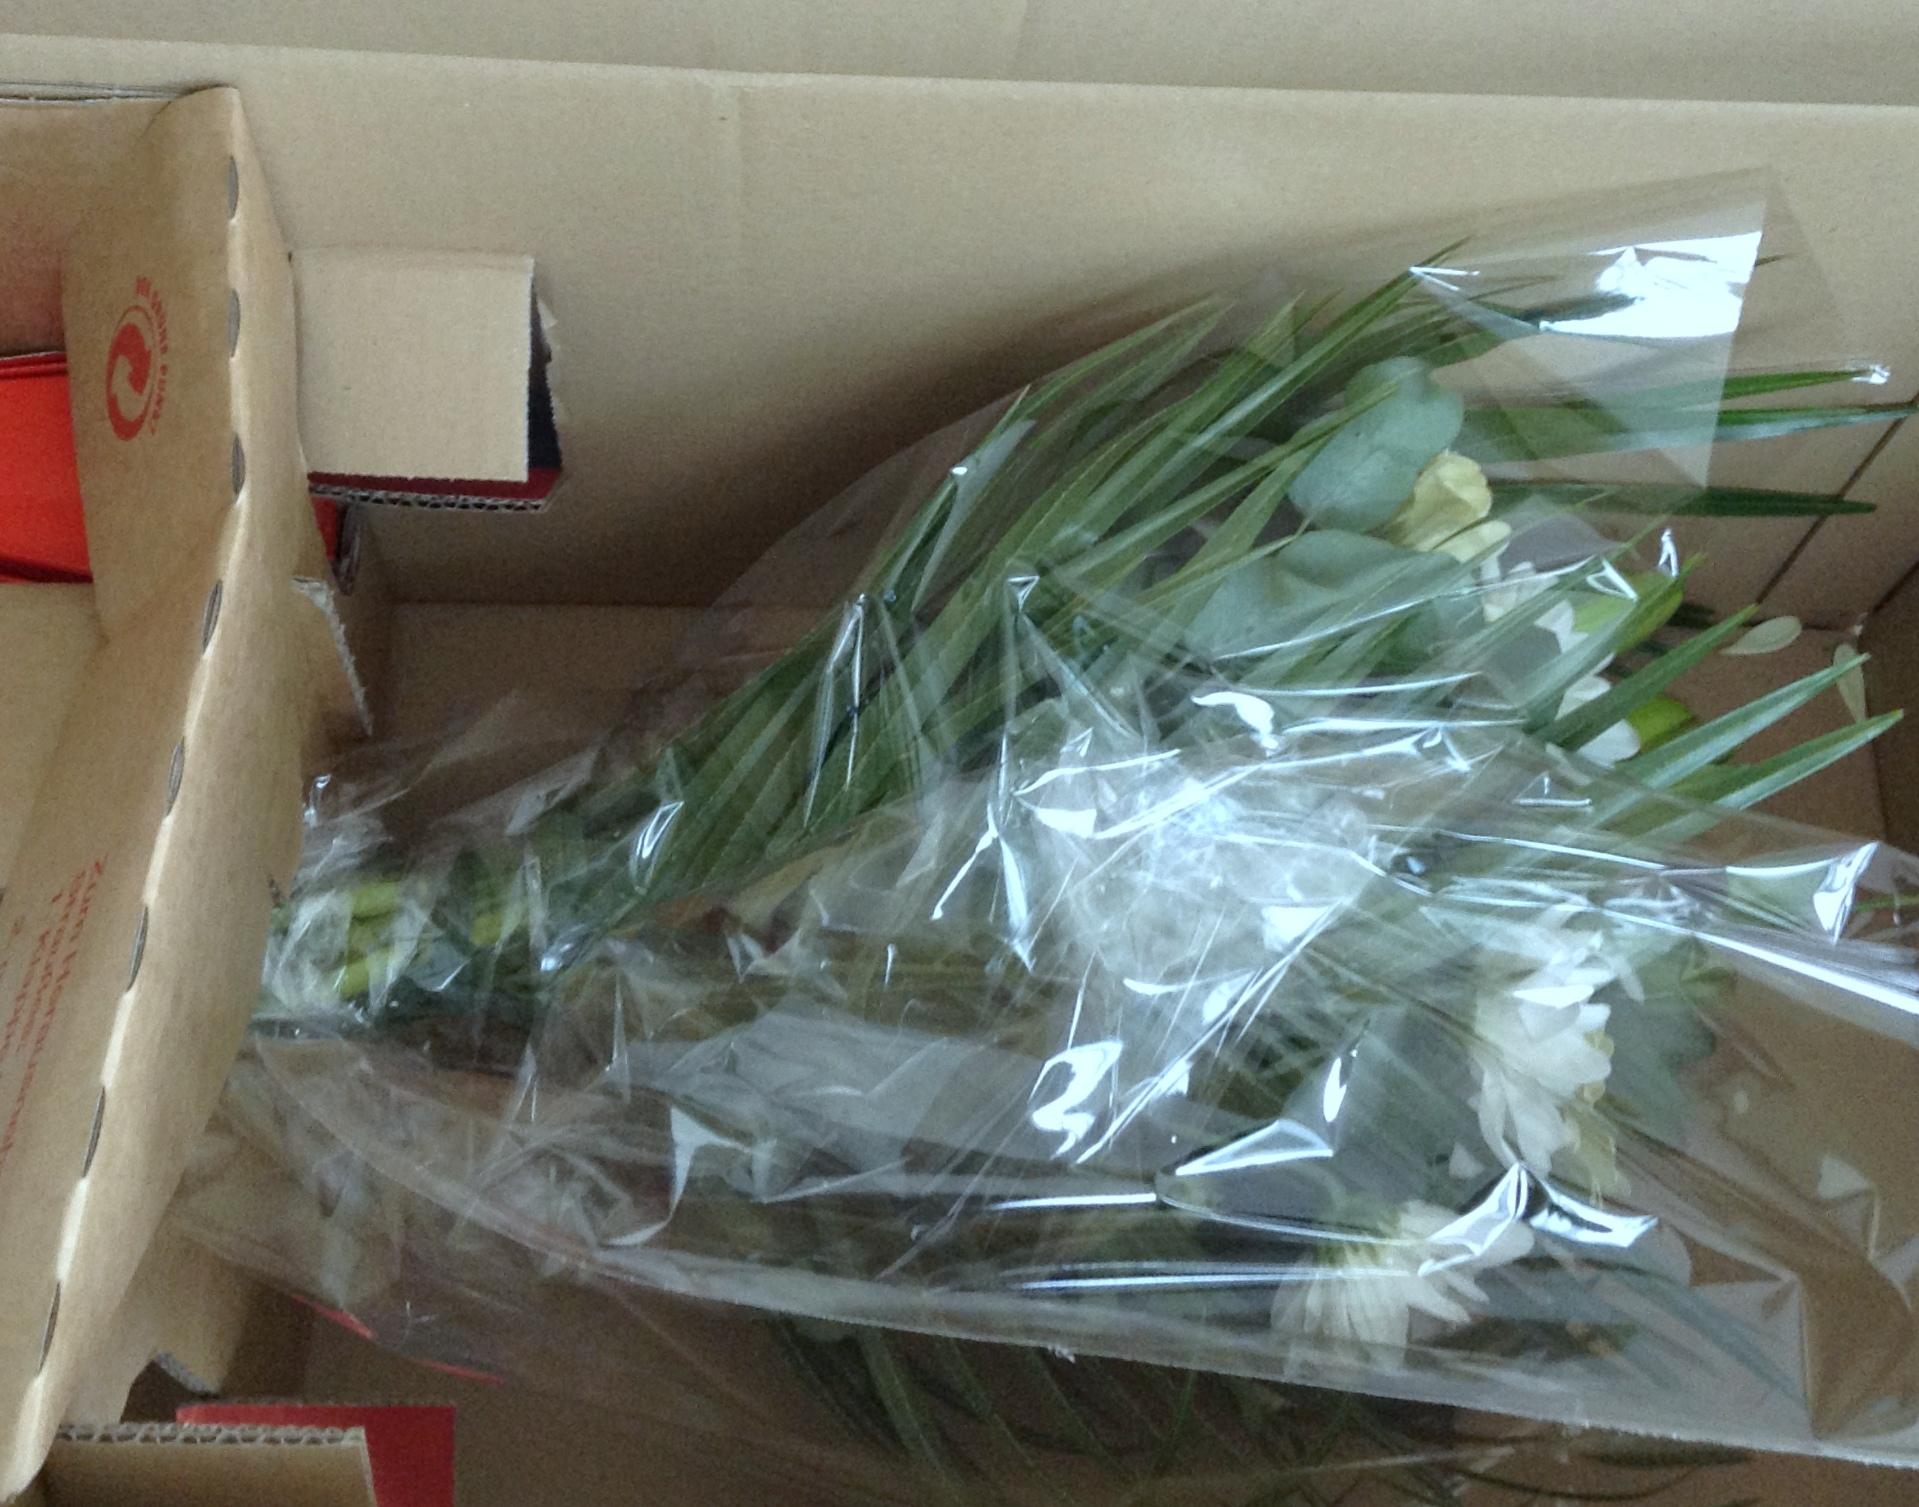 Floraqueen livraison de fleurs miss petits produits for Livraison de fleurs rapide